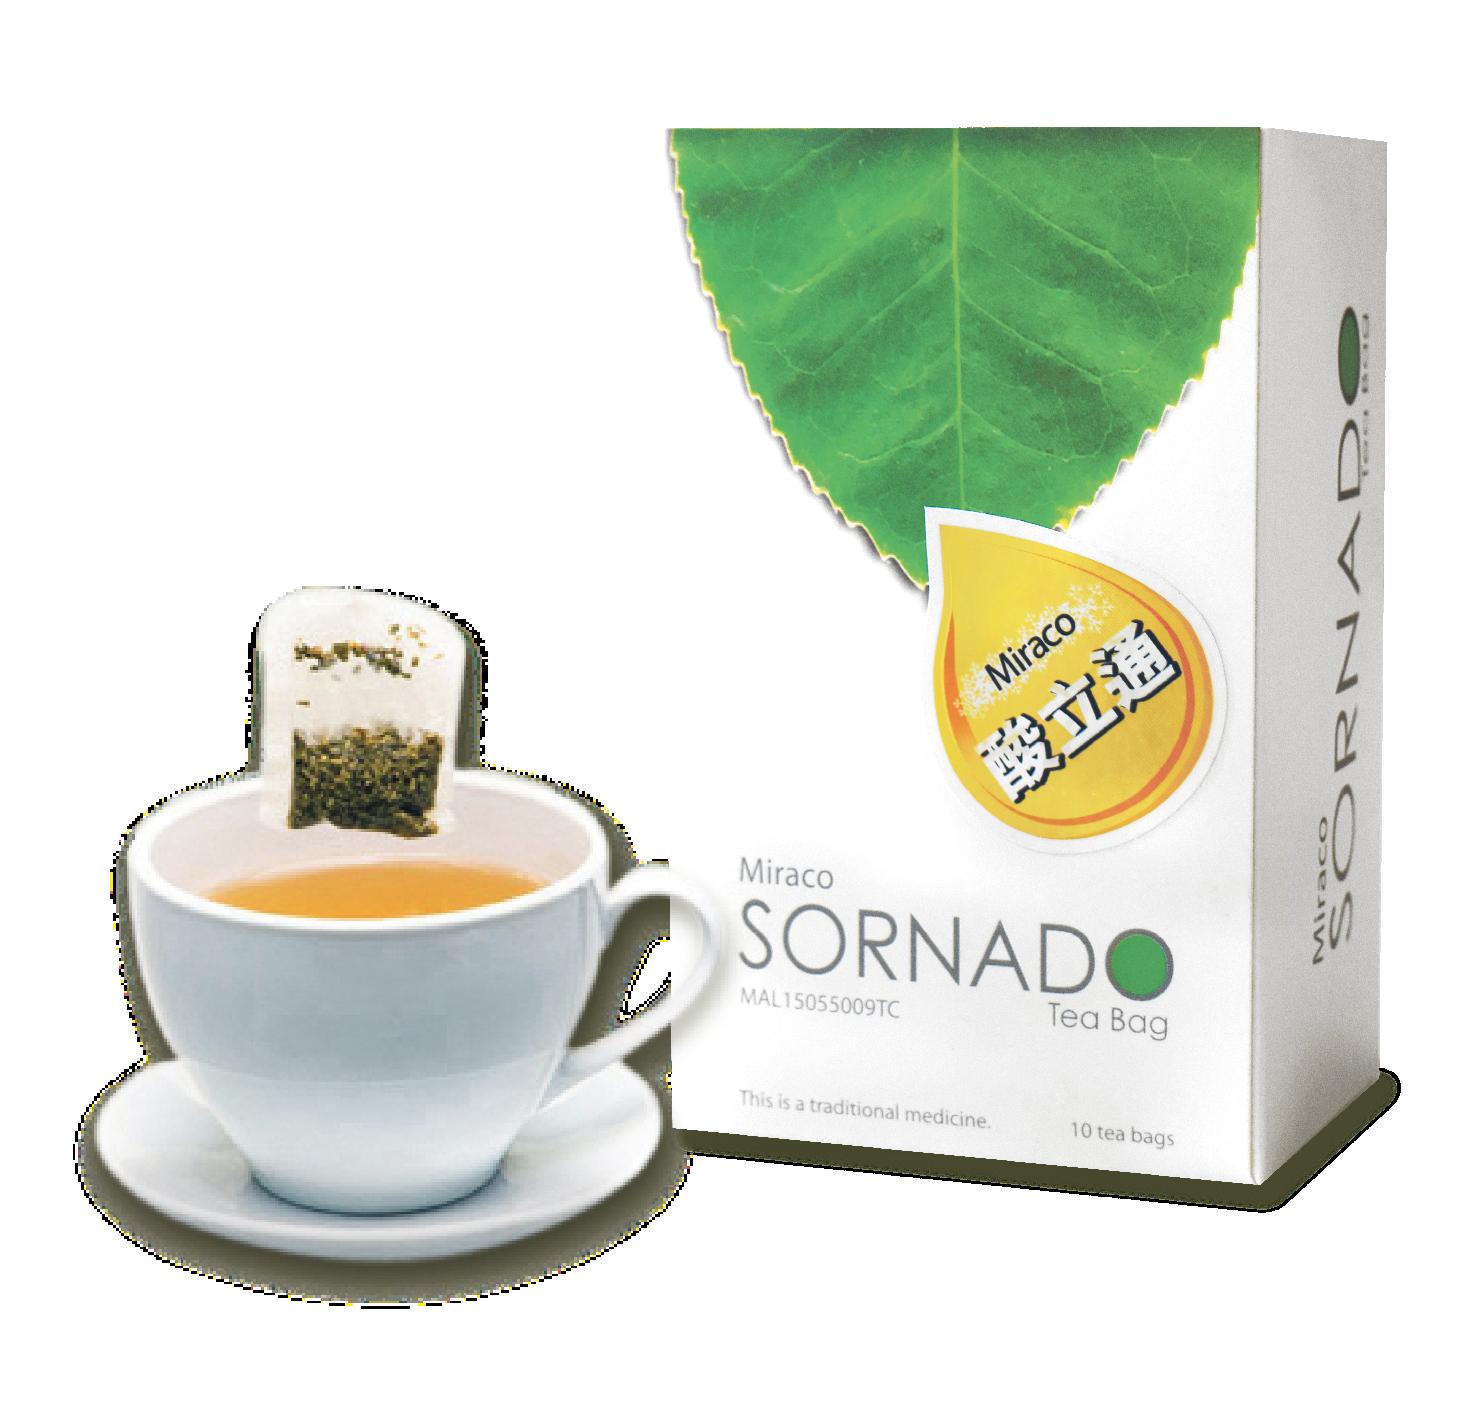 Sornado Tea Bags